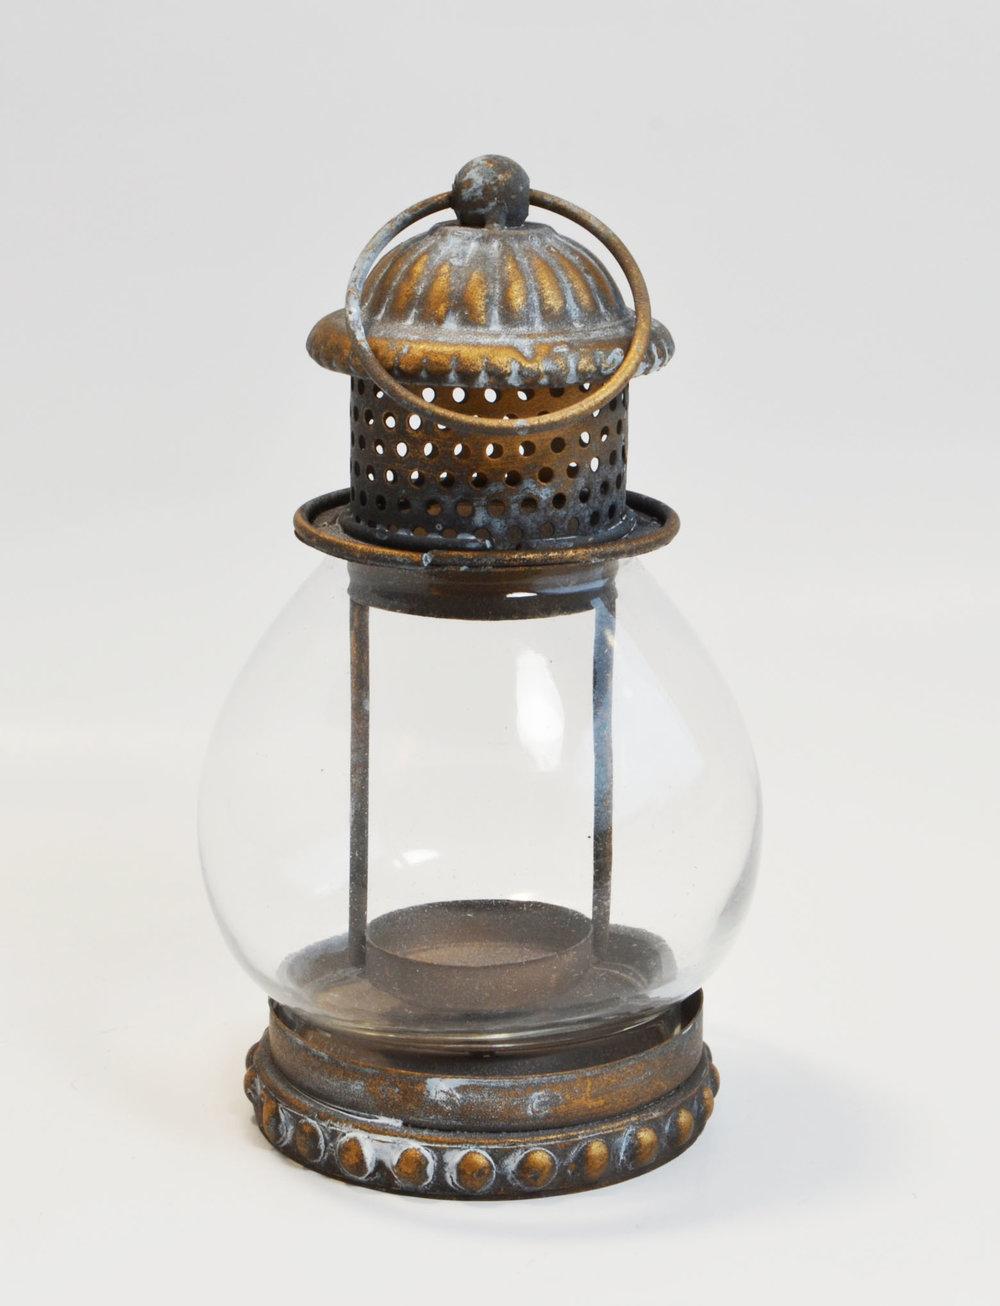 mini copper Lantern   rustic bronzed copper  Quantity: 82  Price: $5.50